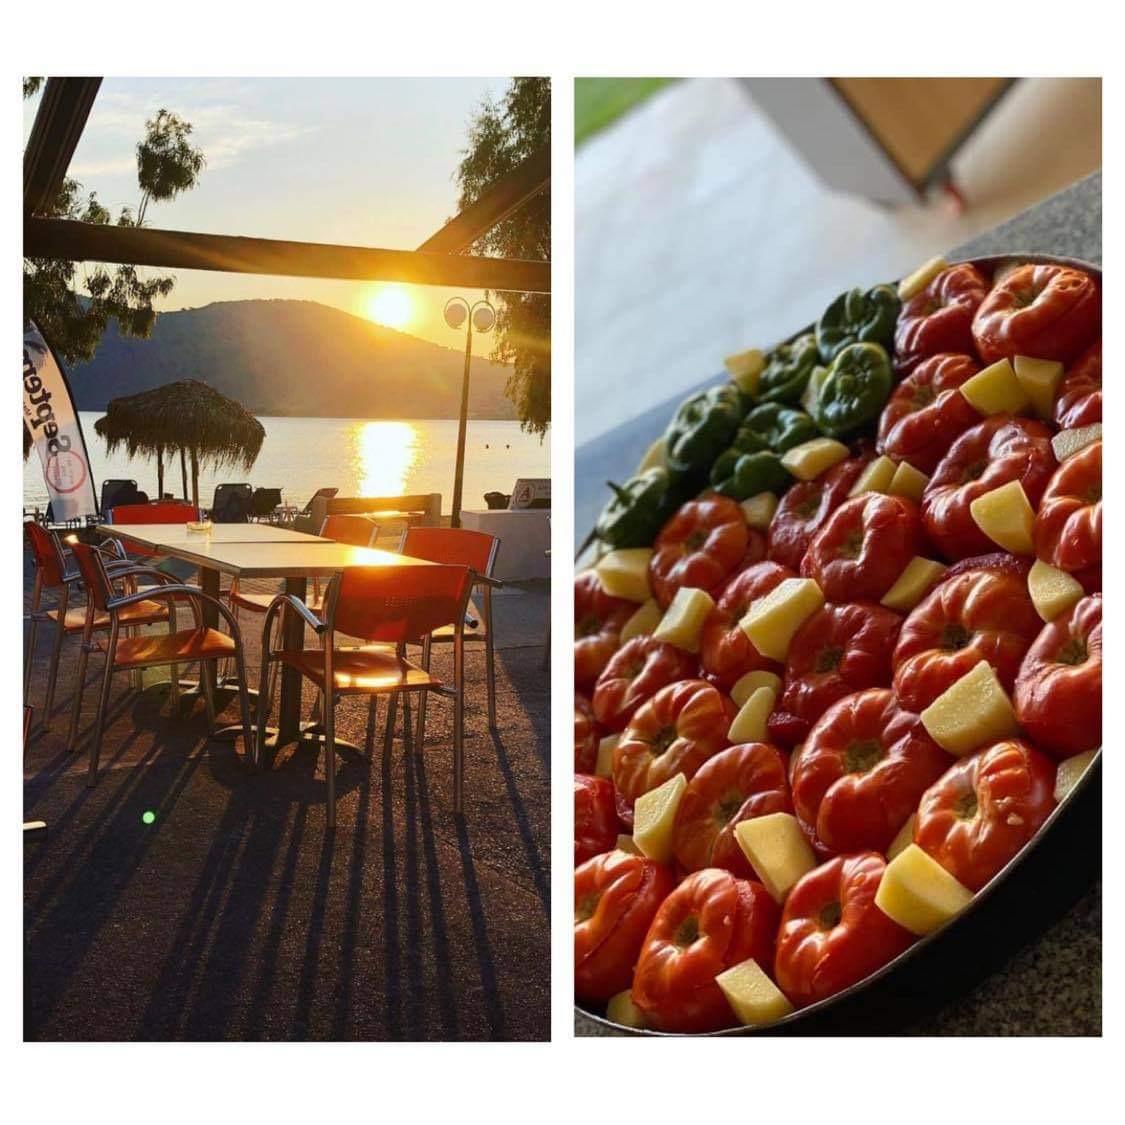 Cafe εστιατόριο πιτσαρία ο Τάσος – Υπέροχο μαγειρευτό φαγητό σε προσιτές τιμές